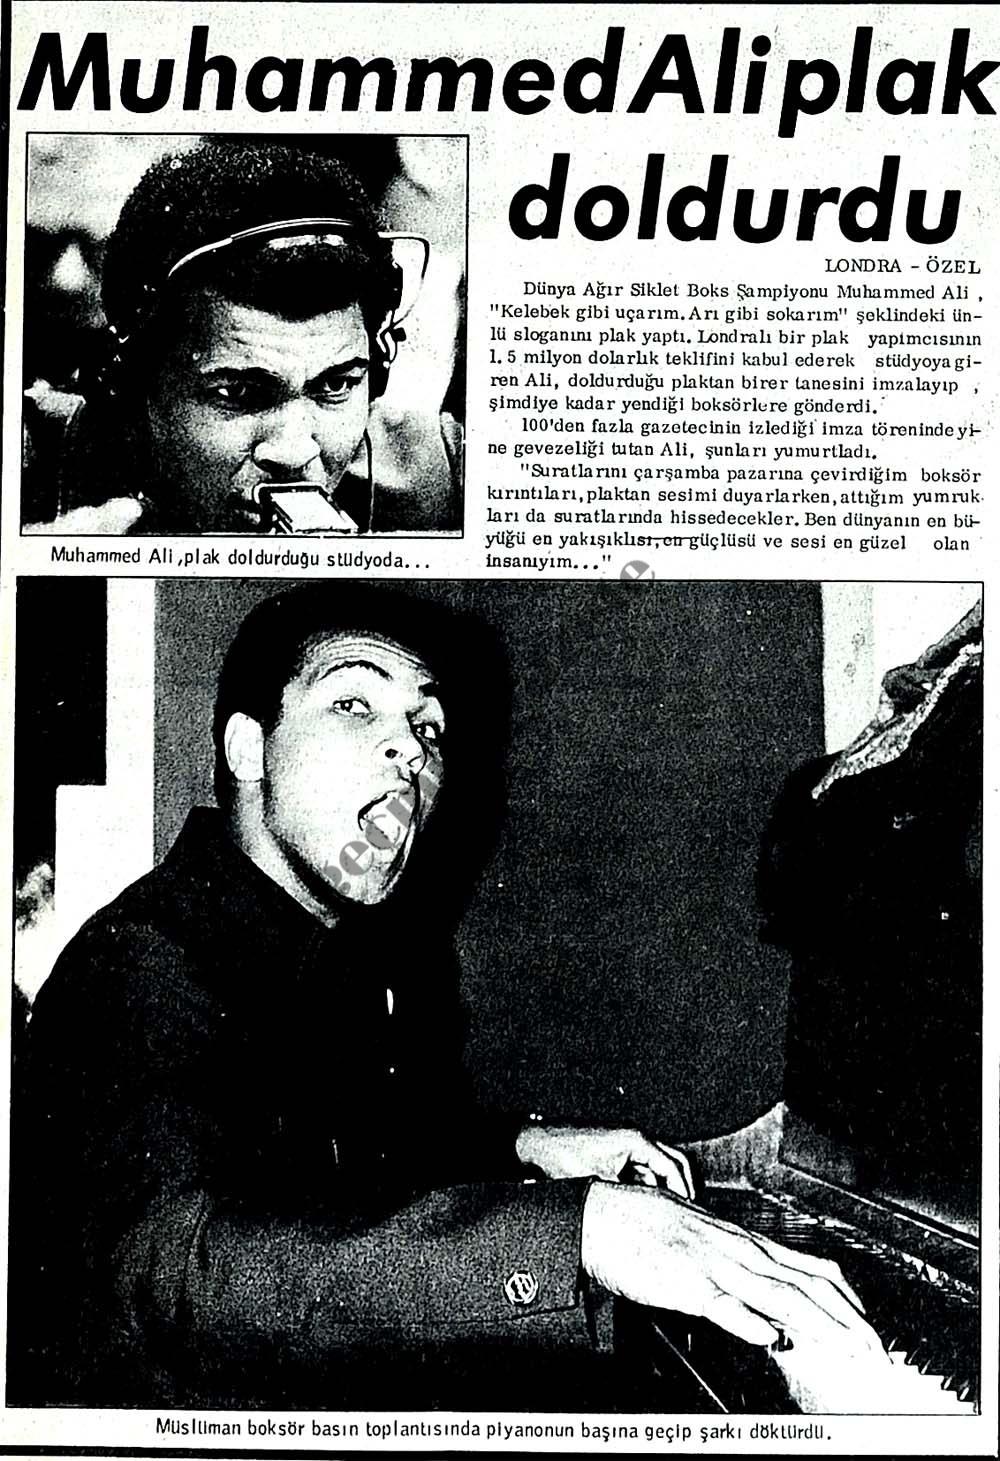 Muhammed Ali plak doldurdu